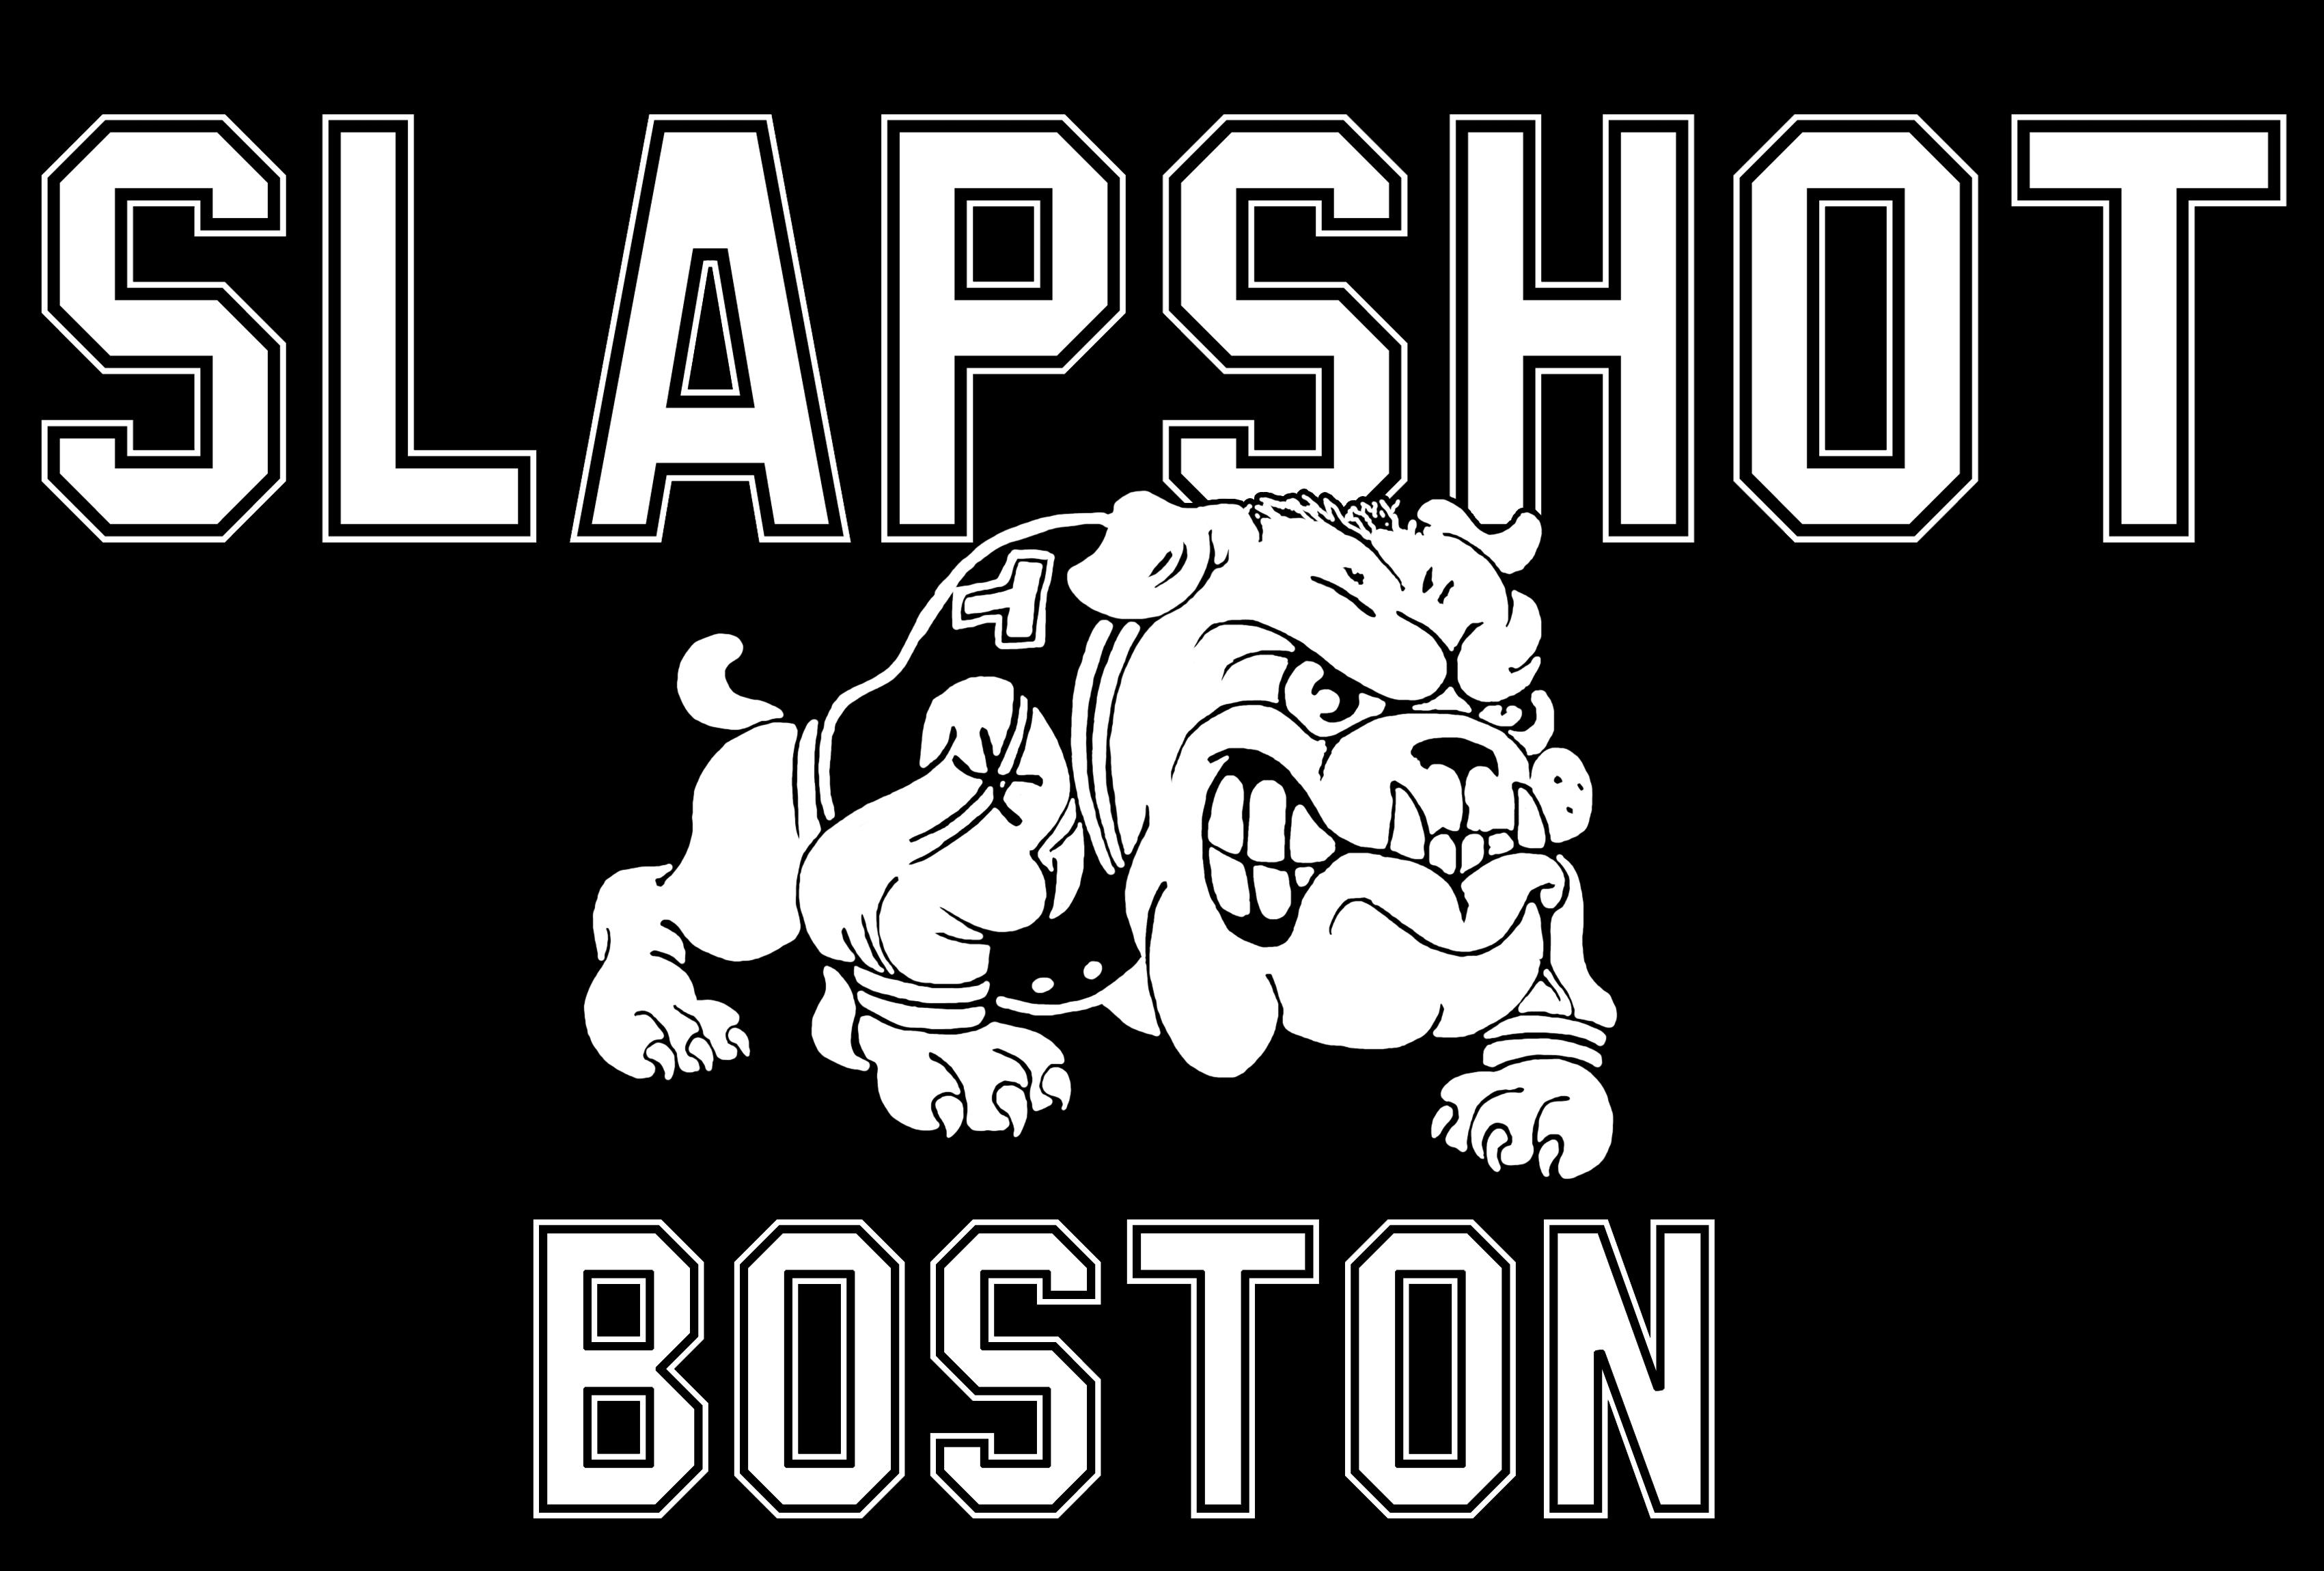 Slapshot logo